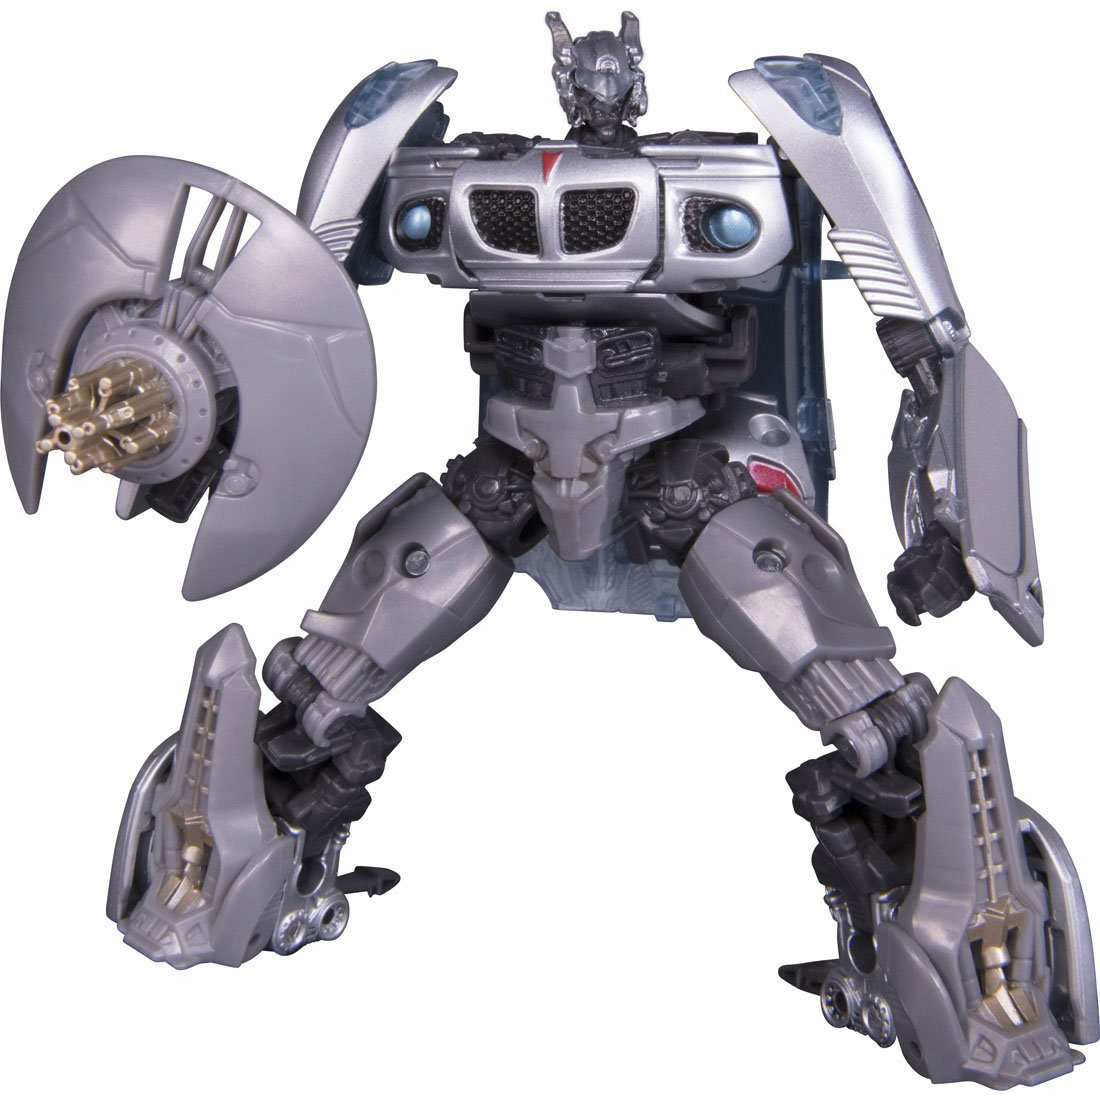 トランスフォーマー スタジオシリーズ『SS-09 オートボットジャズ』可変可動フィギュア